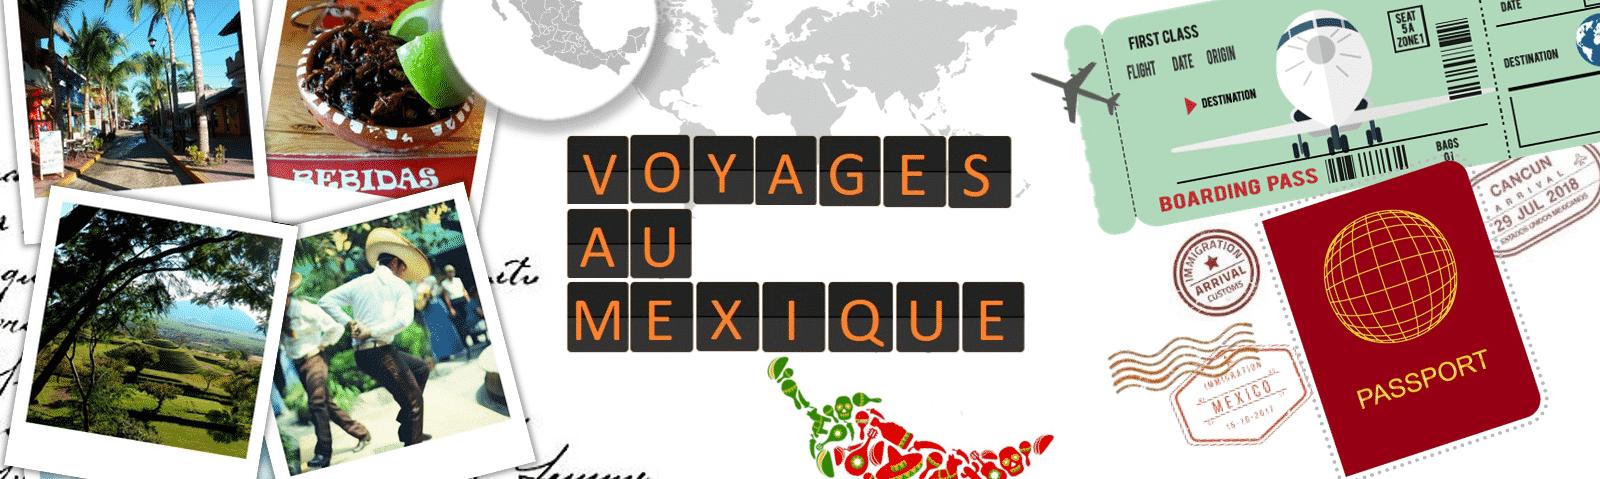 Voyages au Mexique